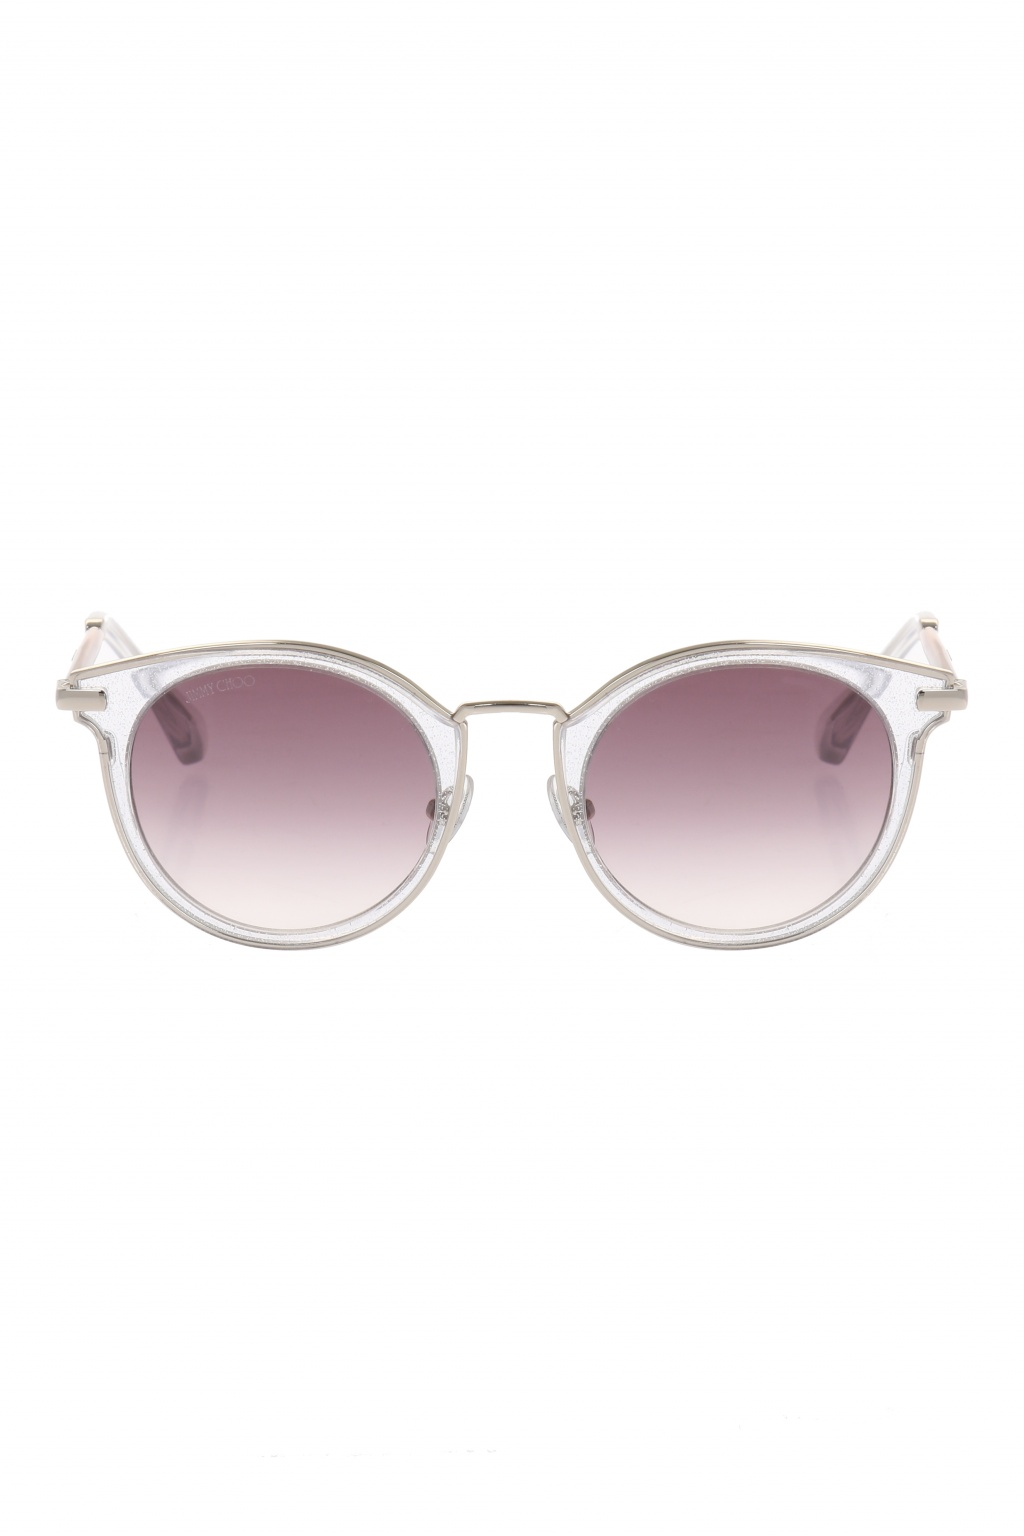 Jimmy Choo 'Raffy' sunglasses